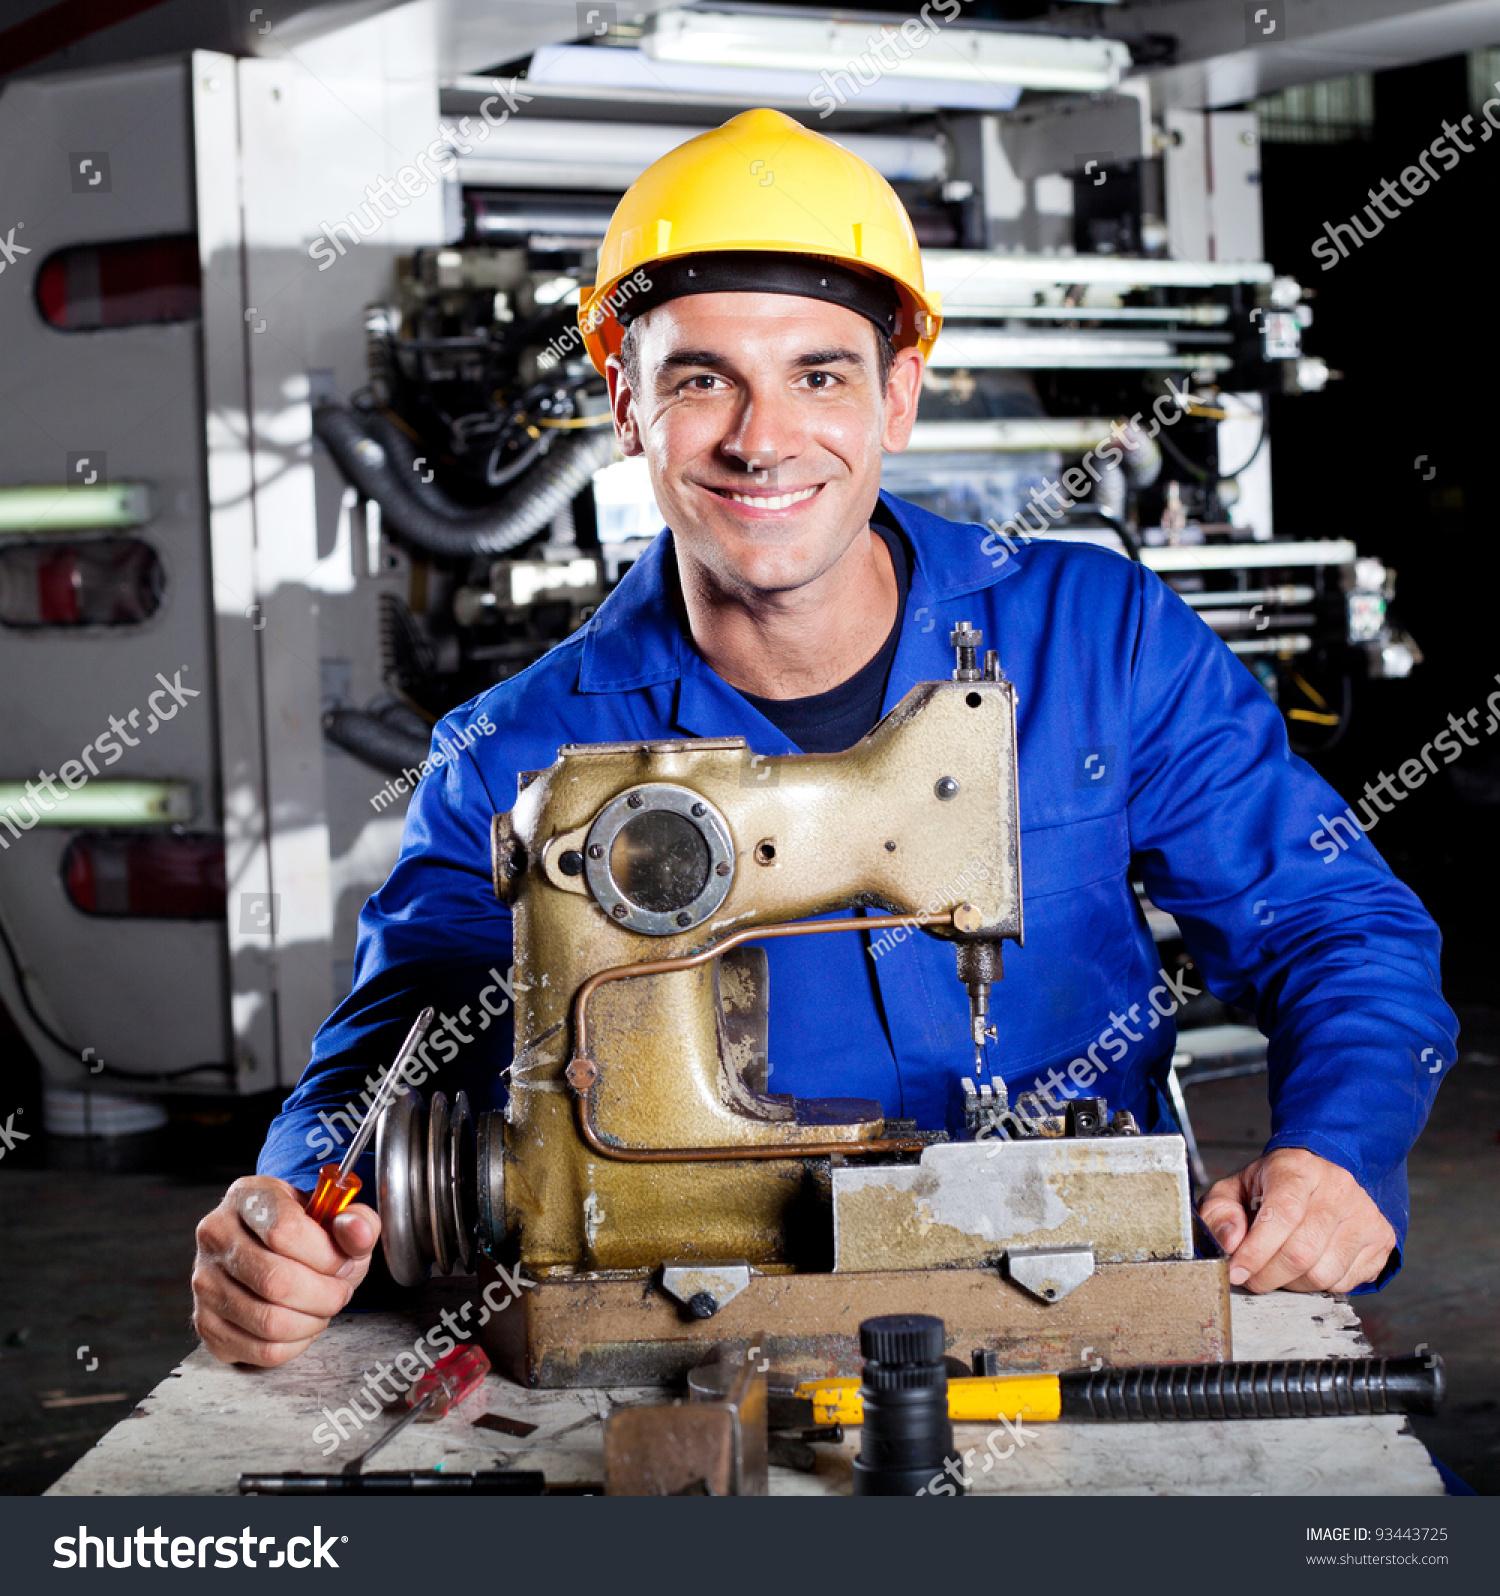 Happy Mechanic Repairing Industrial Sewing Machine Stock Photo ...